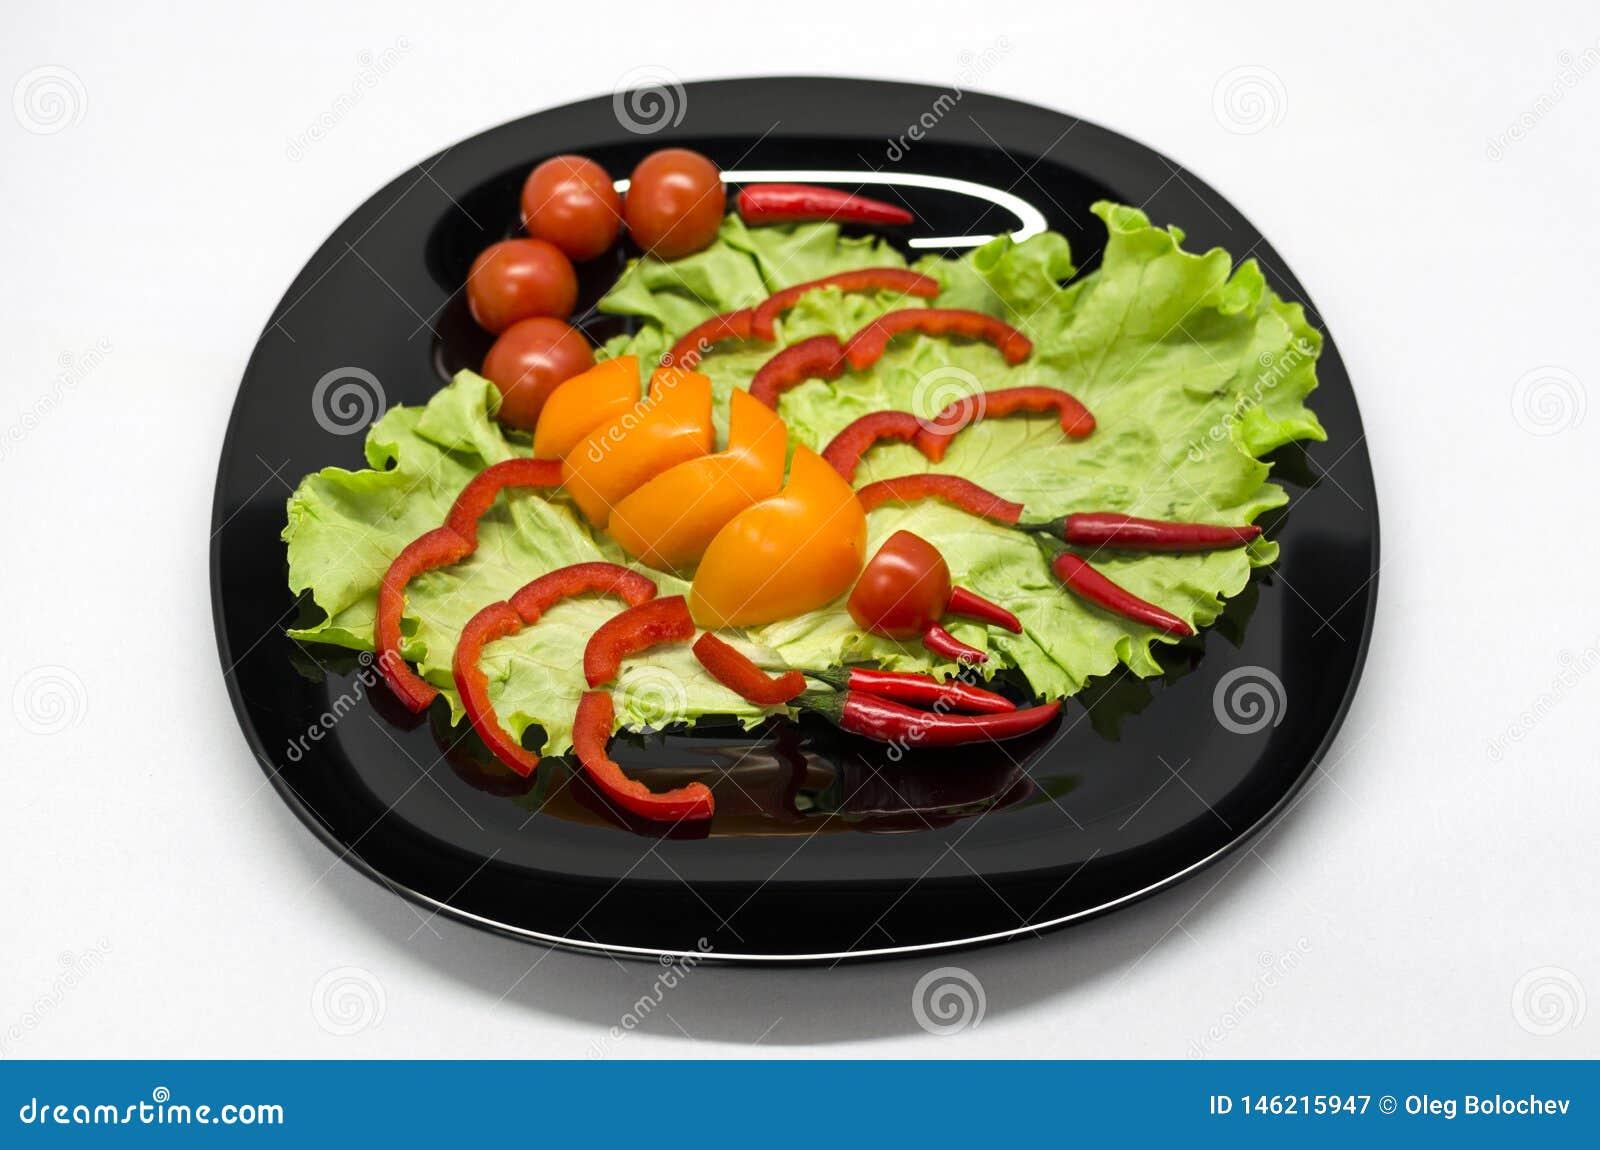 Λαχανικά σε ένα πιάτο που σχεδιάζεται με μορφή ενός σκορπιού